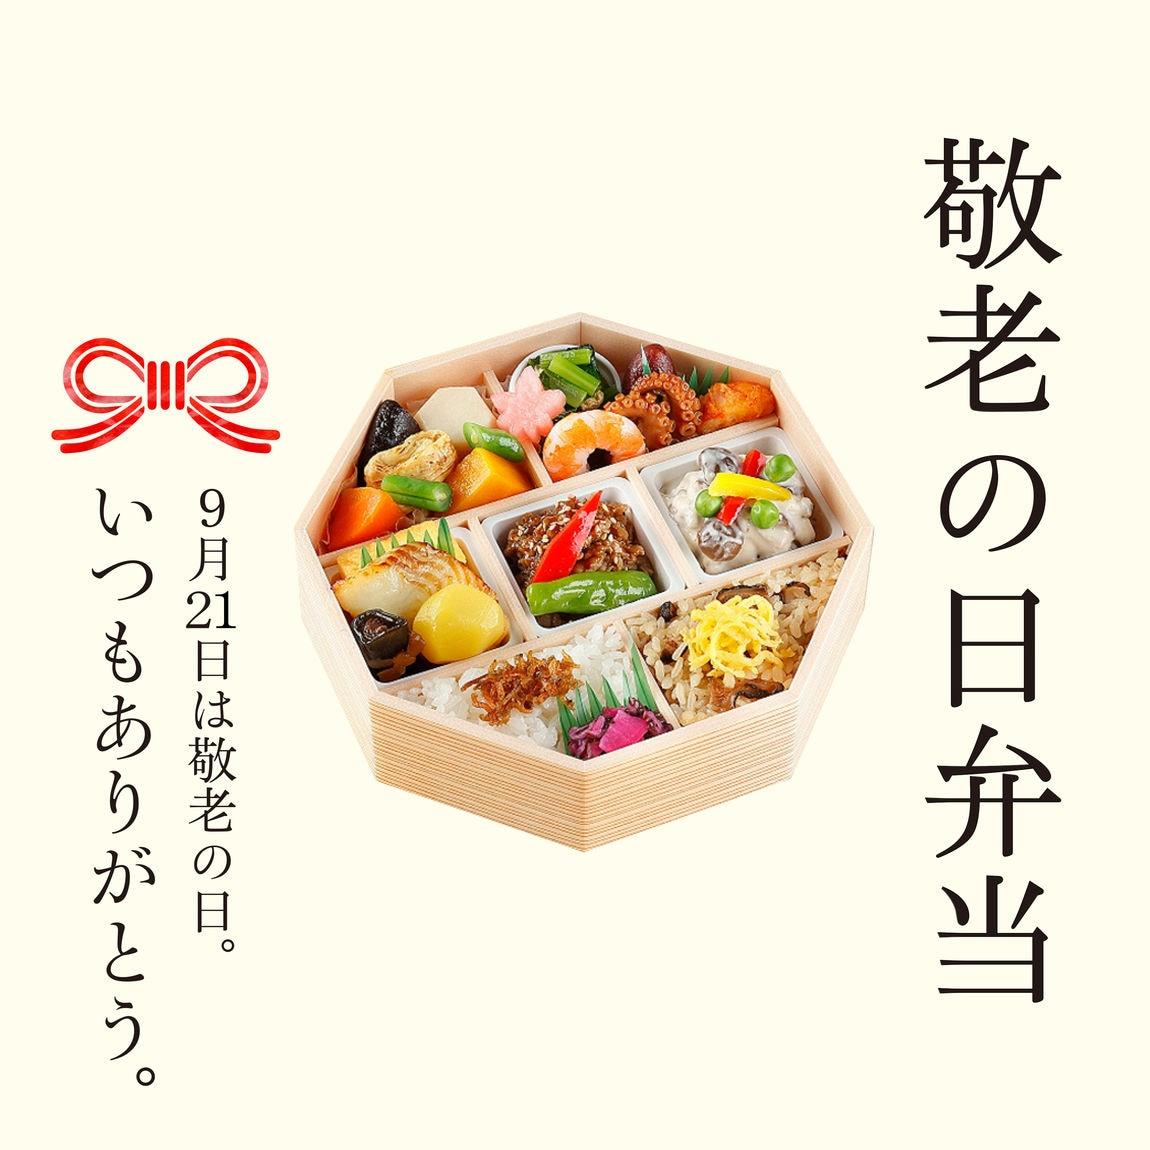 【イオンモール堺北花田】お弁当のご予約承り中です。|敬老の日